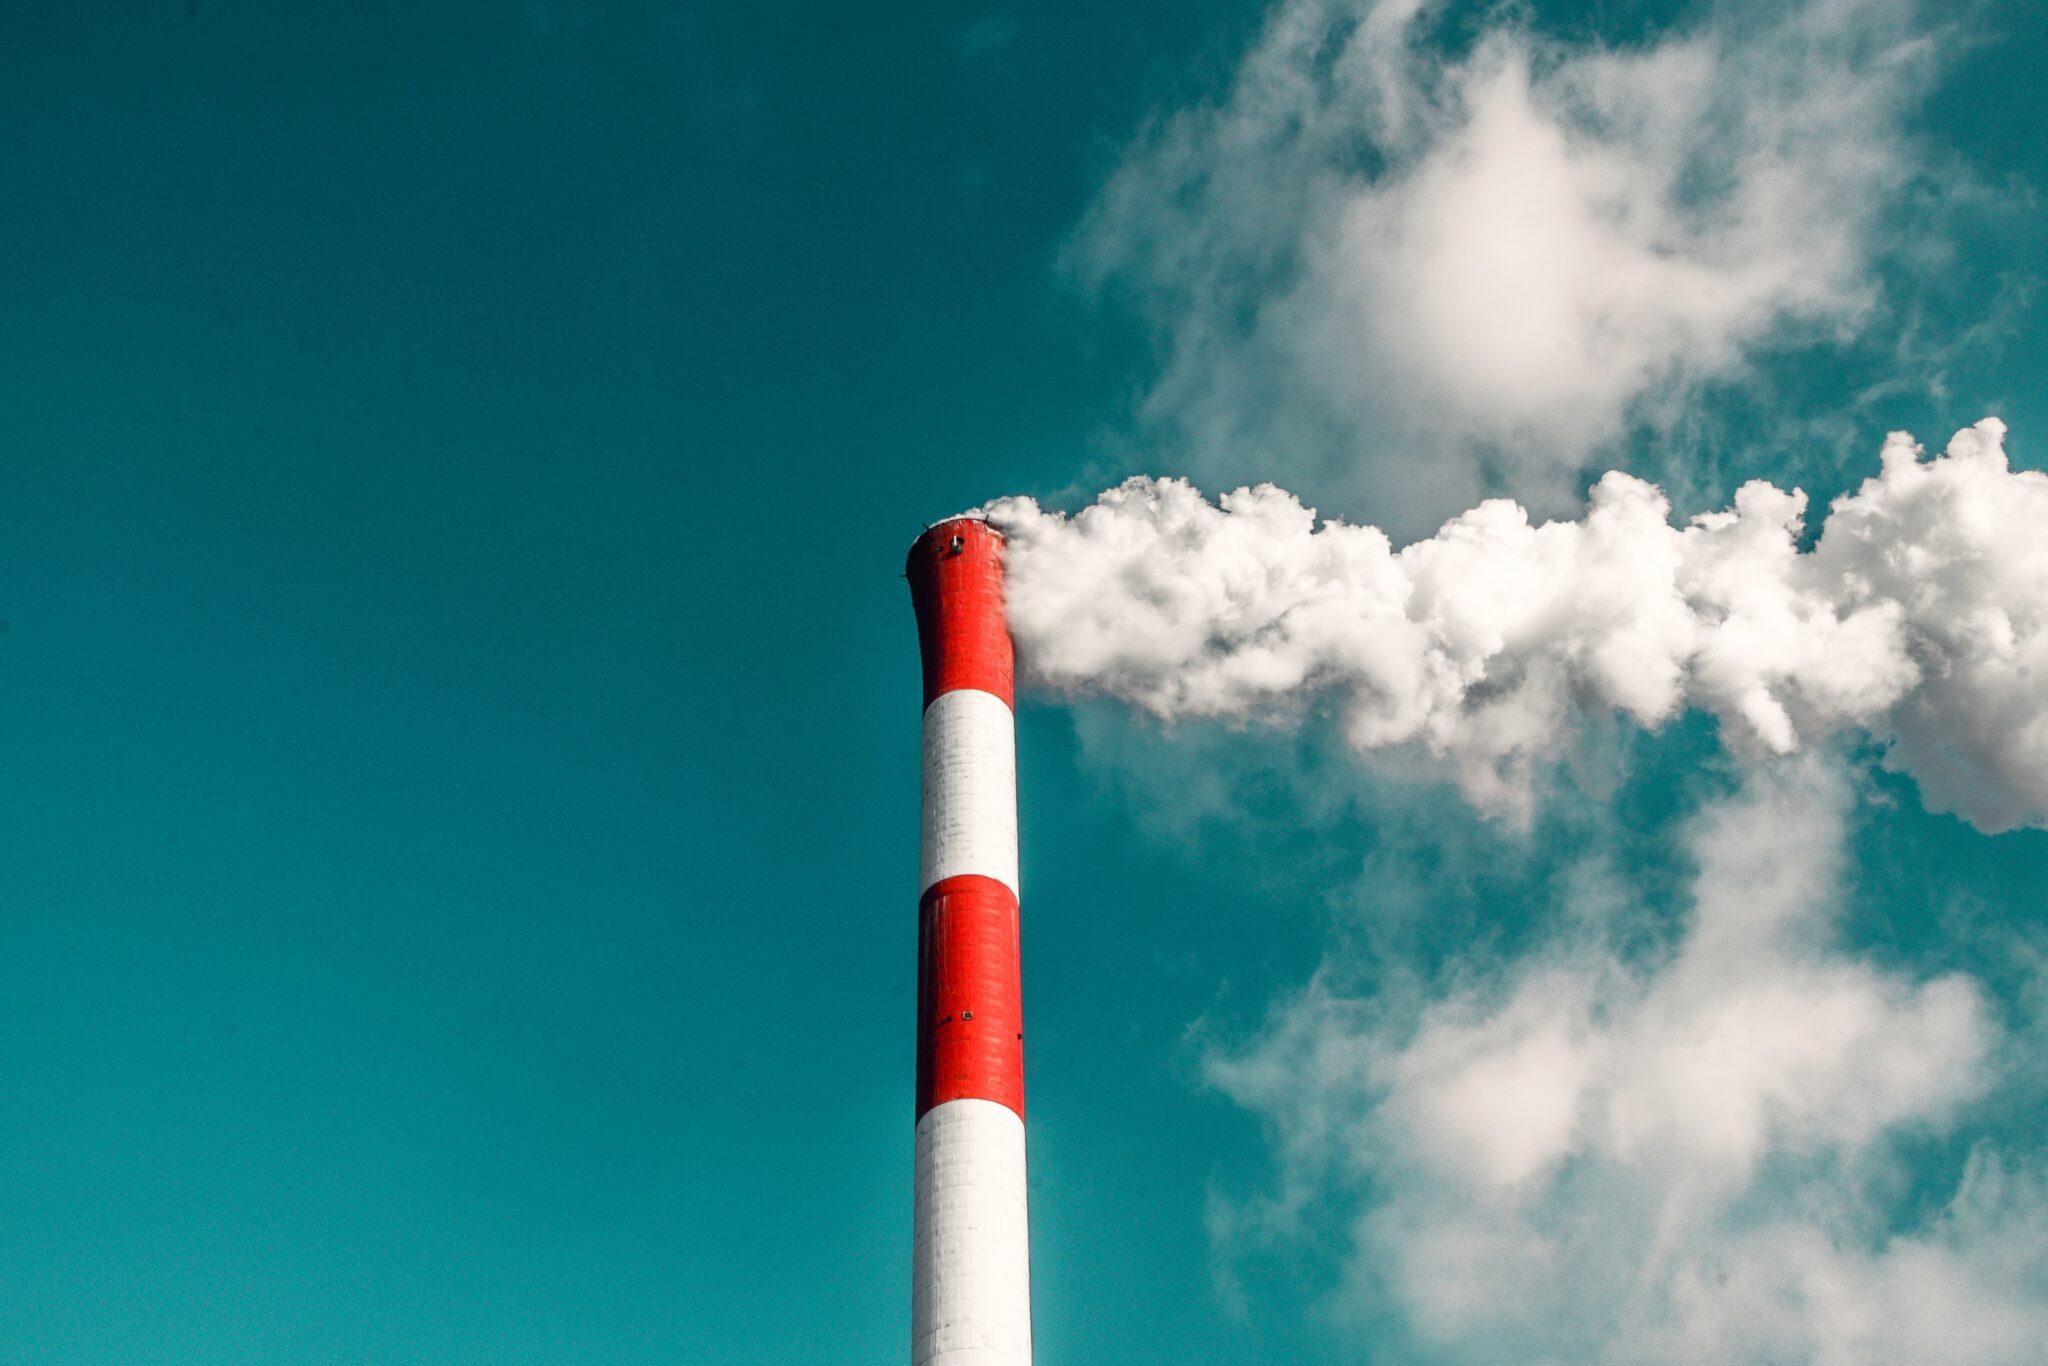 Ein rot-weisser Industrieschornstein, aus dem Rauch kommt